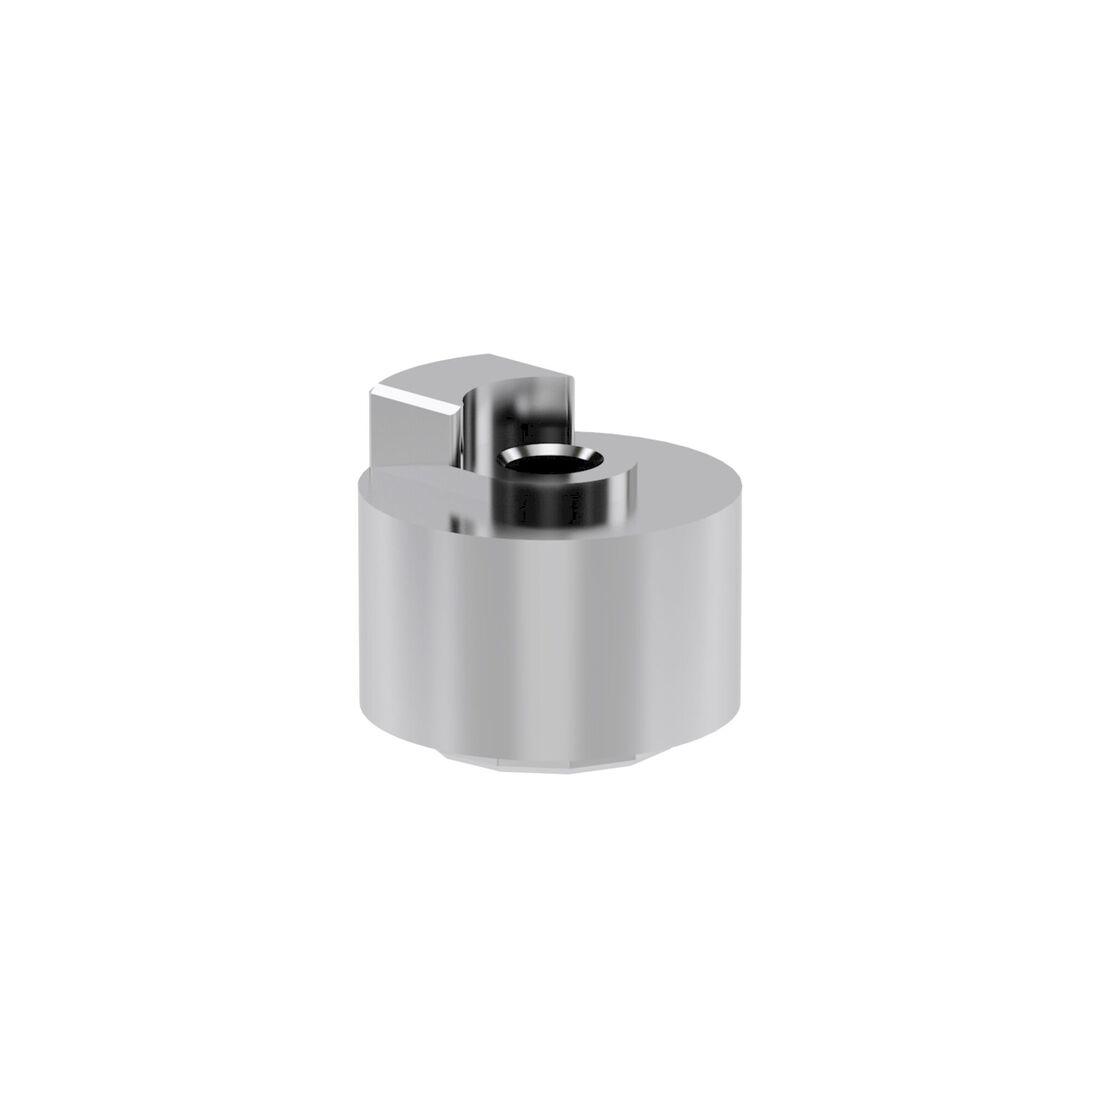 CYBEX Abstandshalter für Schnellspannachsen  13 mm in Silver - 13mm large Bild 1